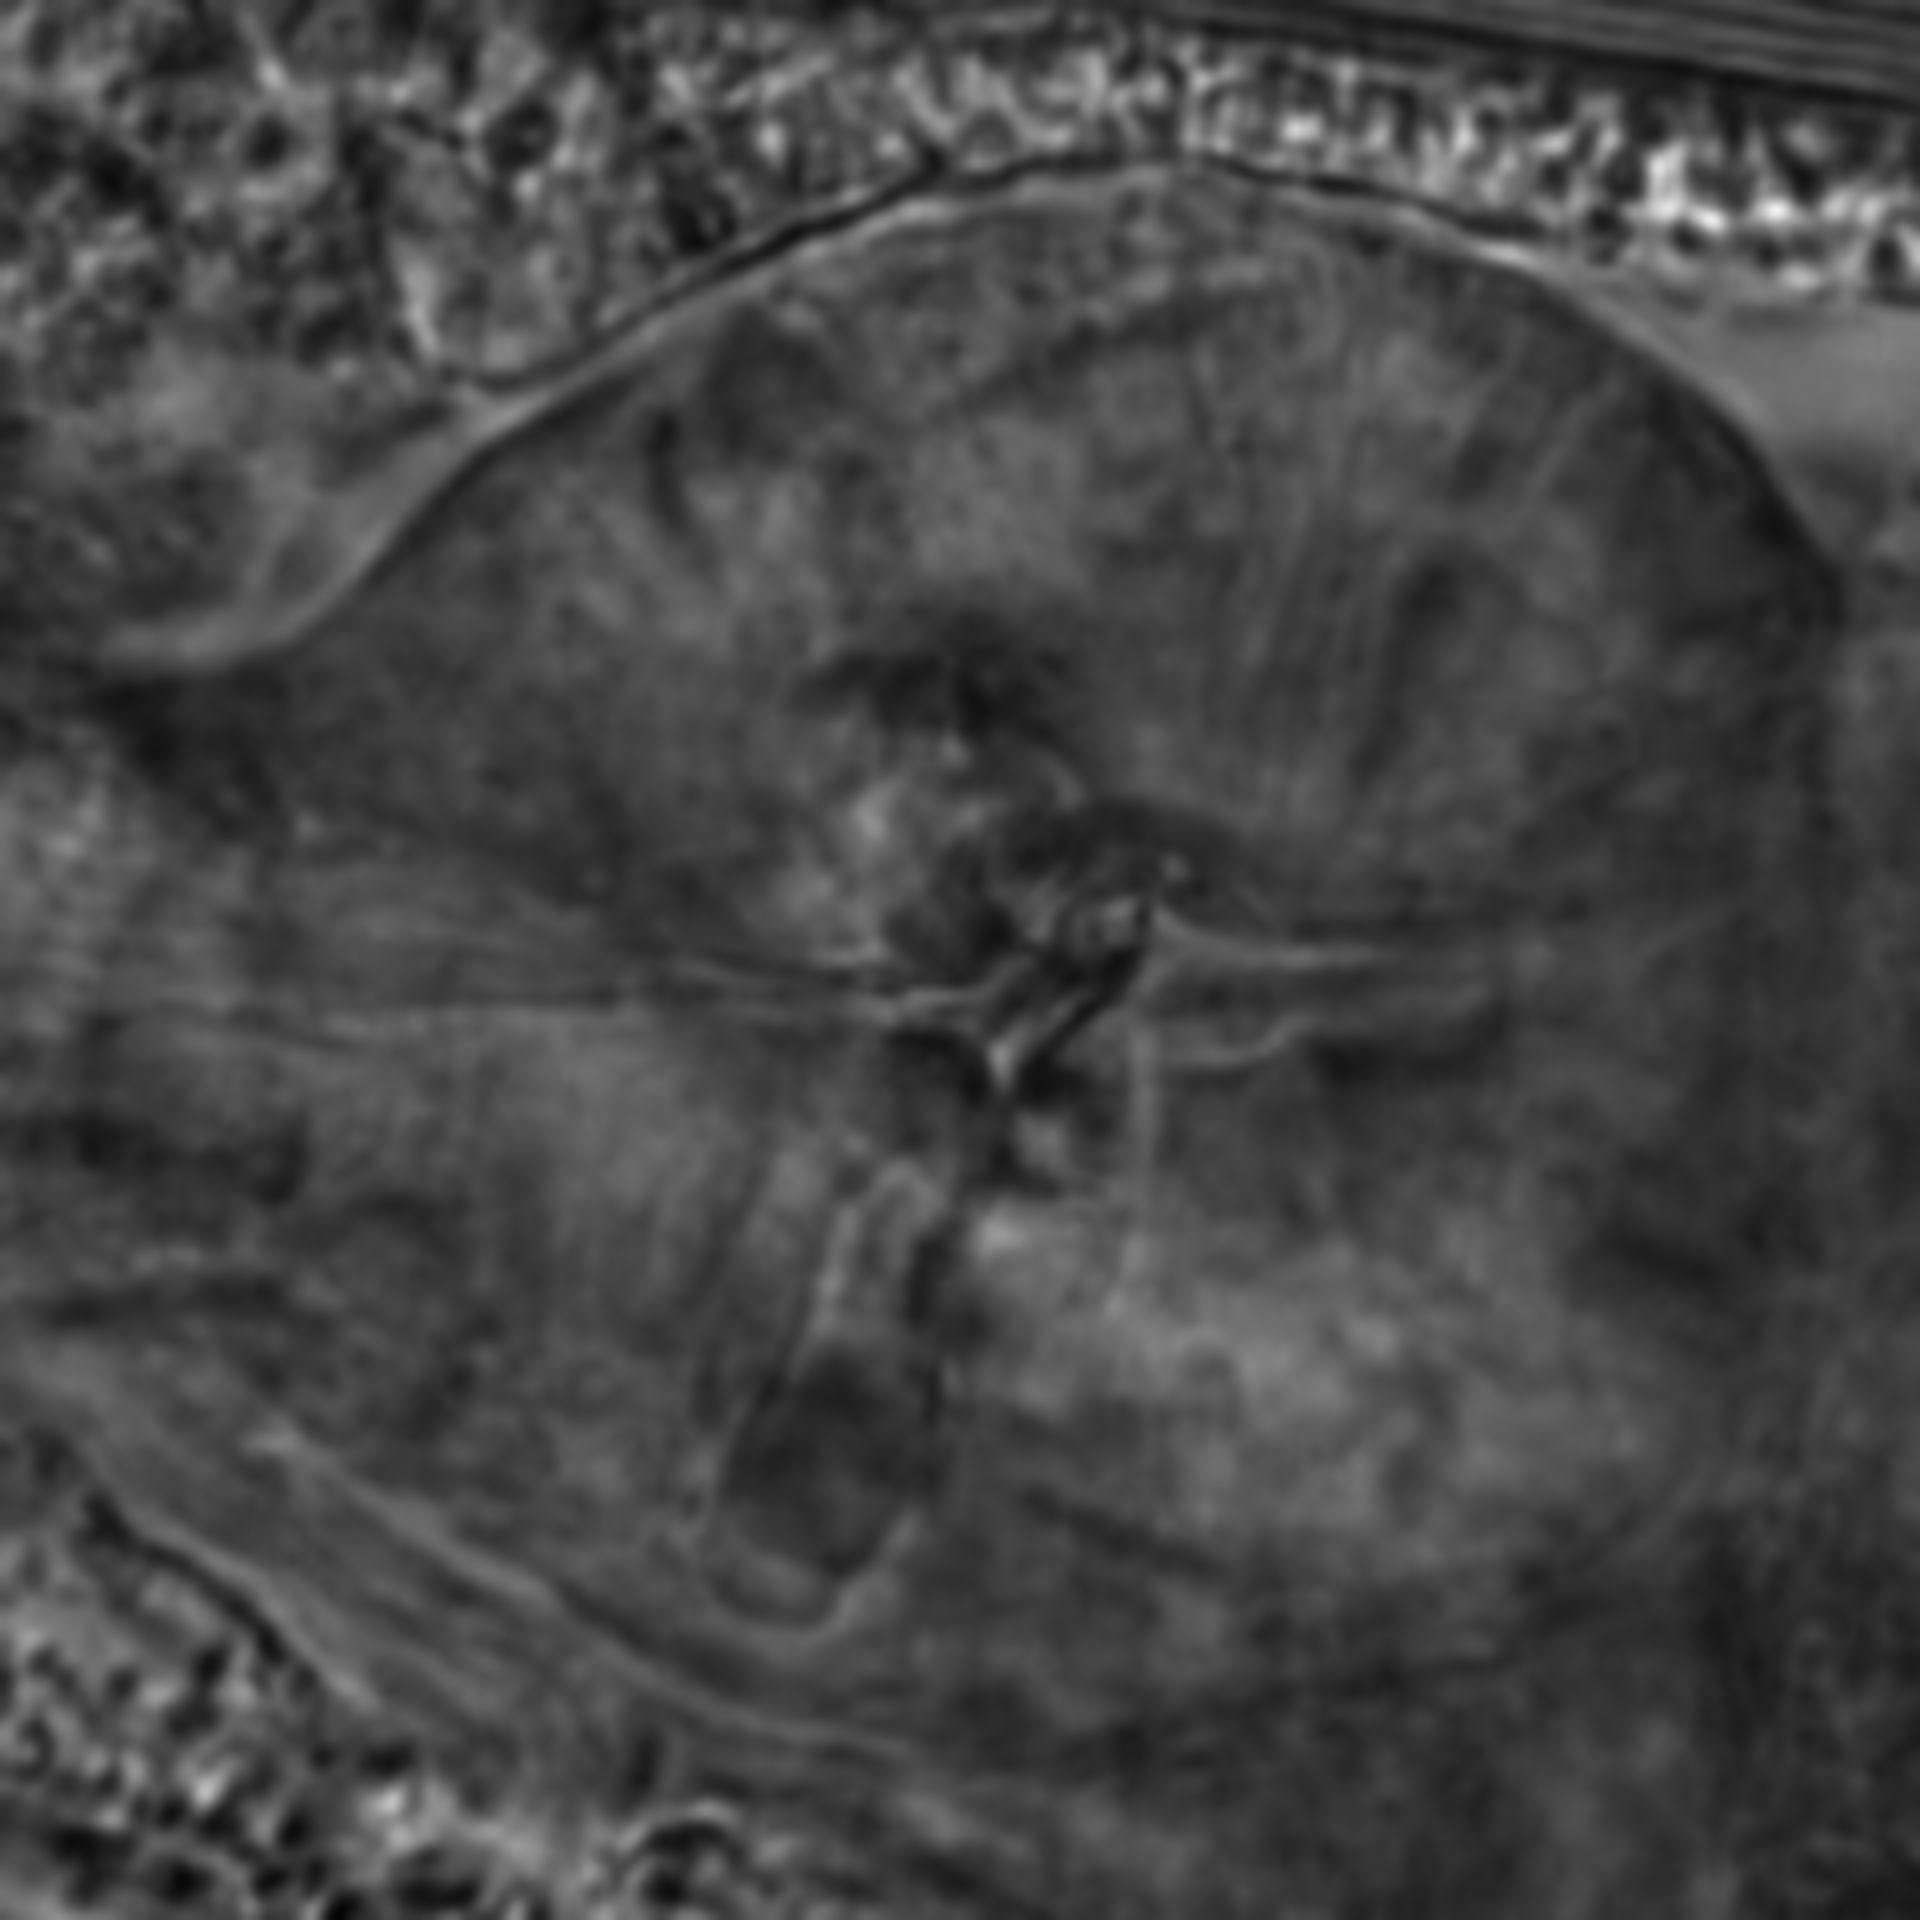 Caenorhabditis elegans - CIL:2821